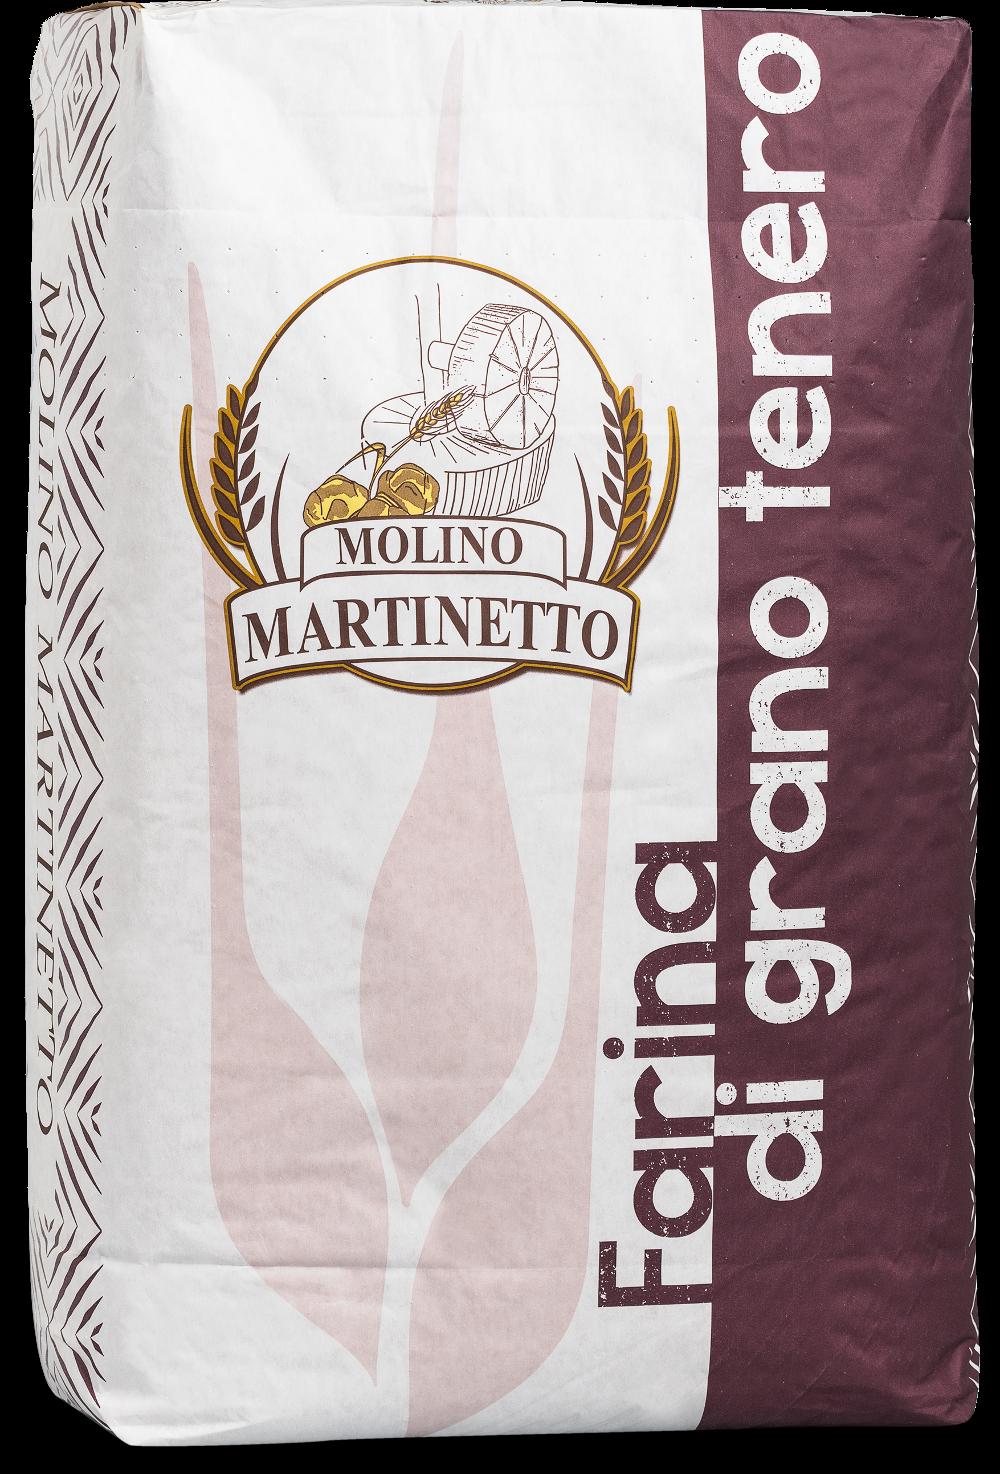 LE-SEMPLICI-MOLINO-MARTINETTO-FARINE-TORINO